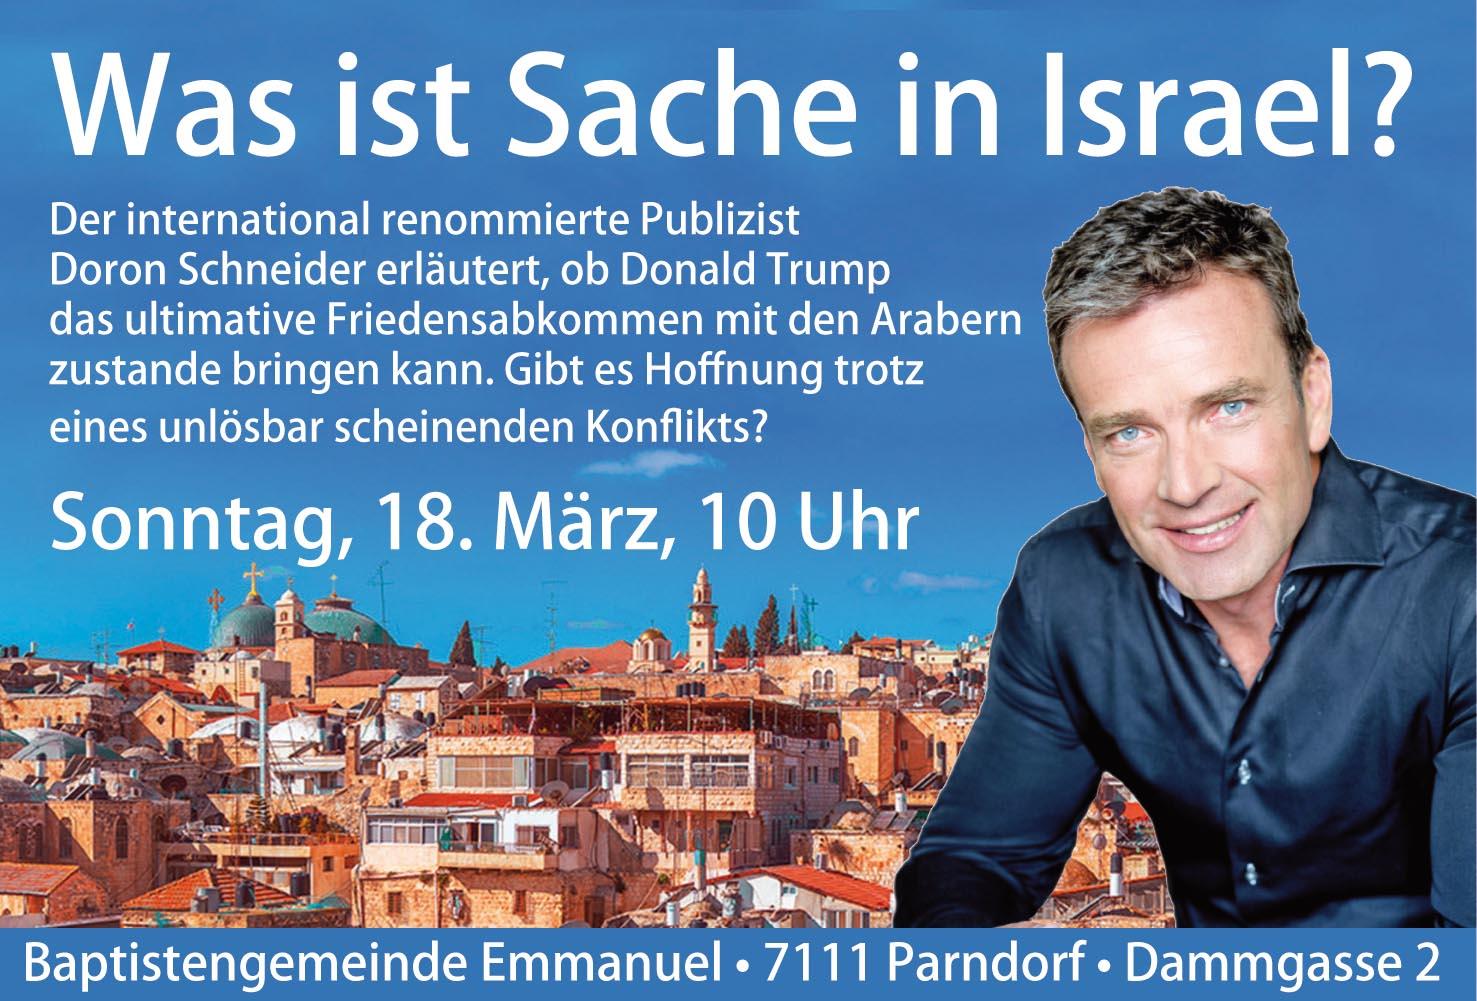 DORON SCHNEIDER - Was ist Sache in Israel?